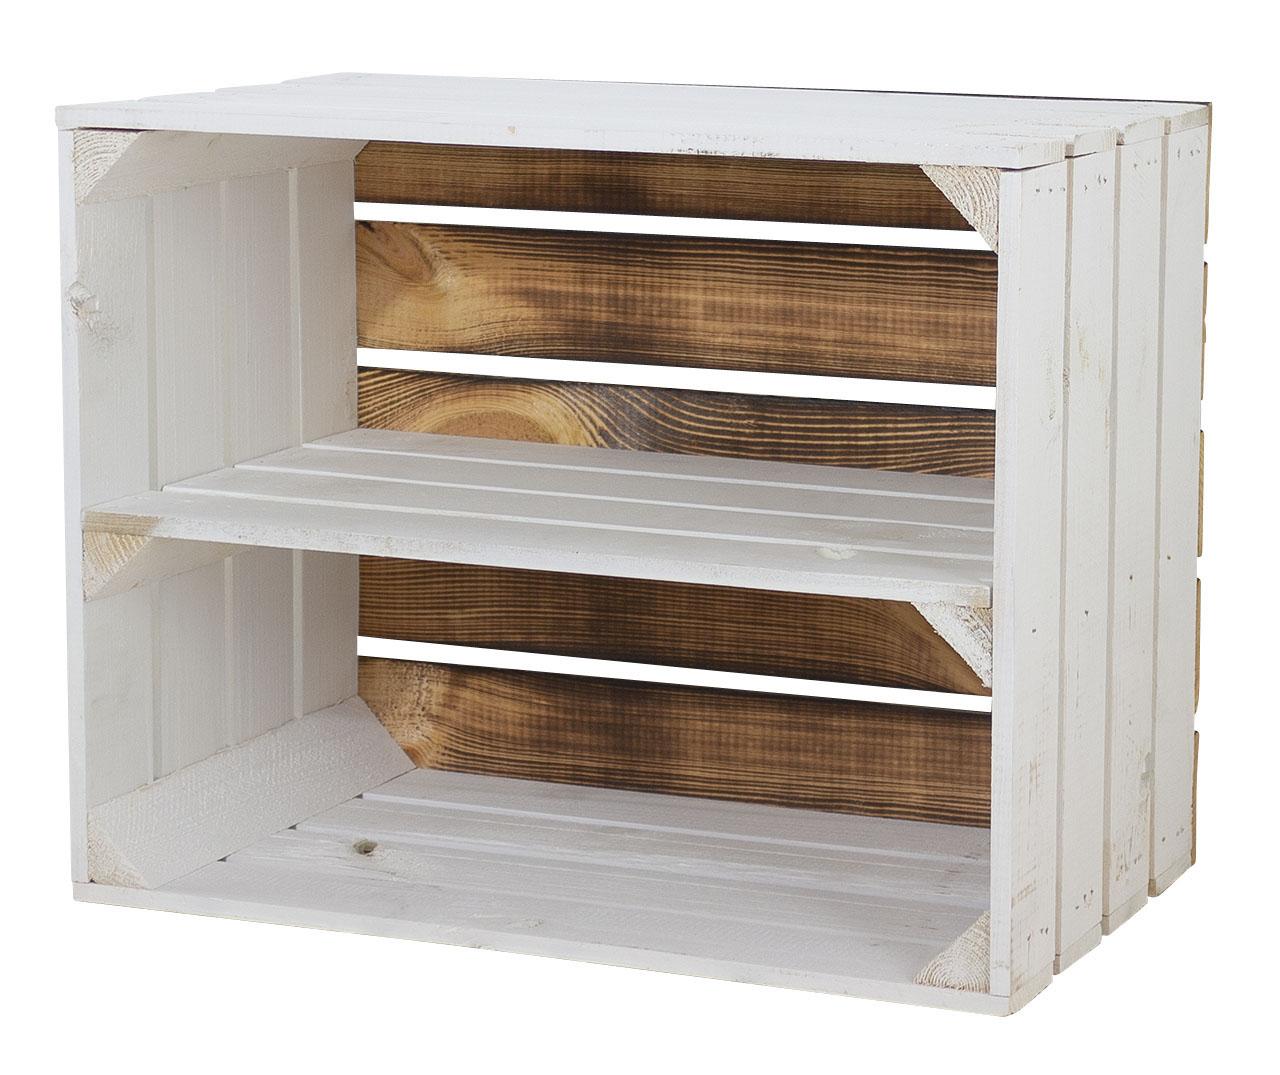 Weißes Regal - Apfelkiste Geflammter Boden 50x40x30cm